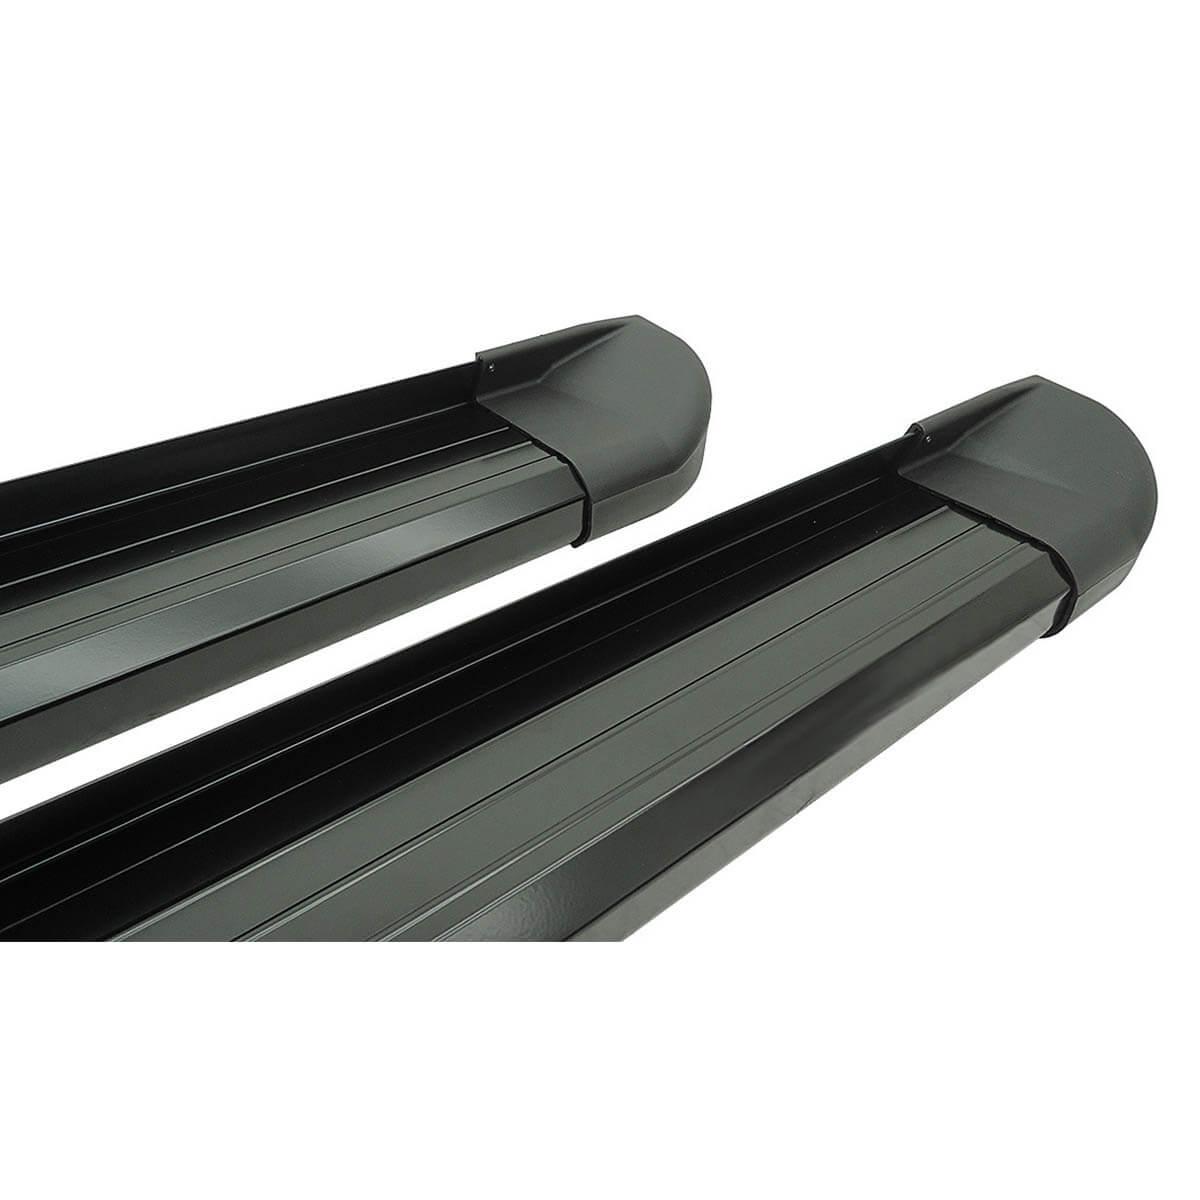 Estribo plataforma alumínio preto Frontier 2008 a 2016